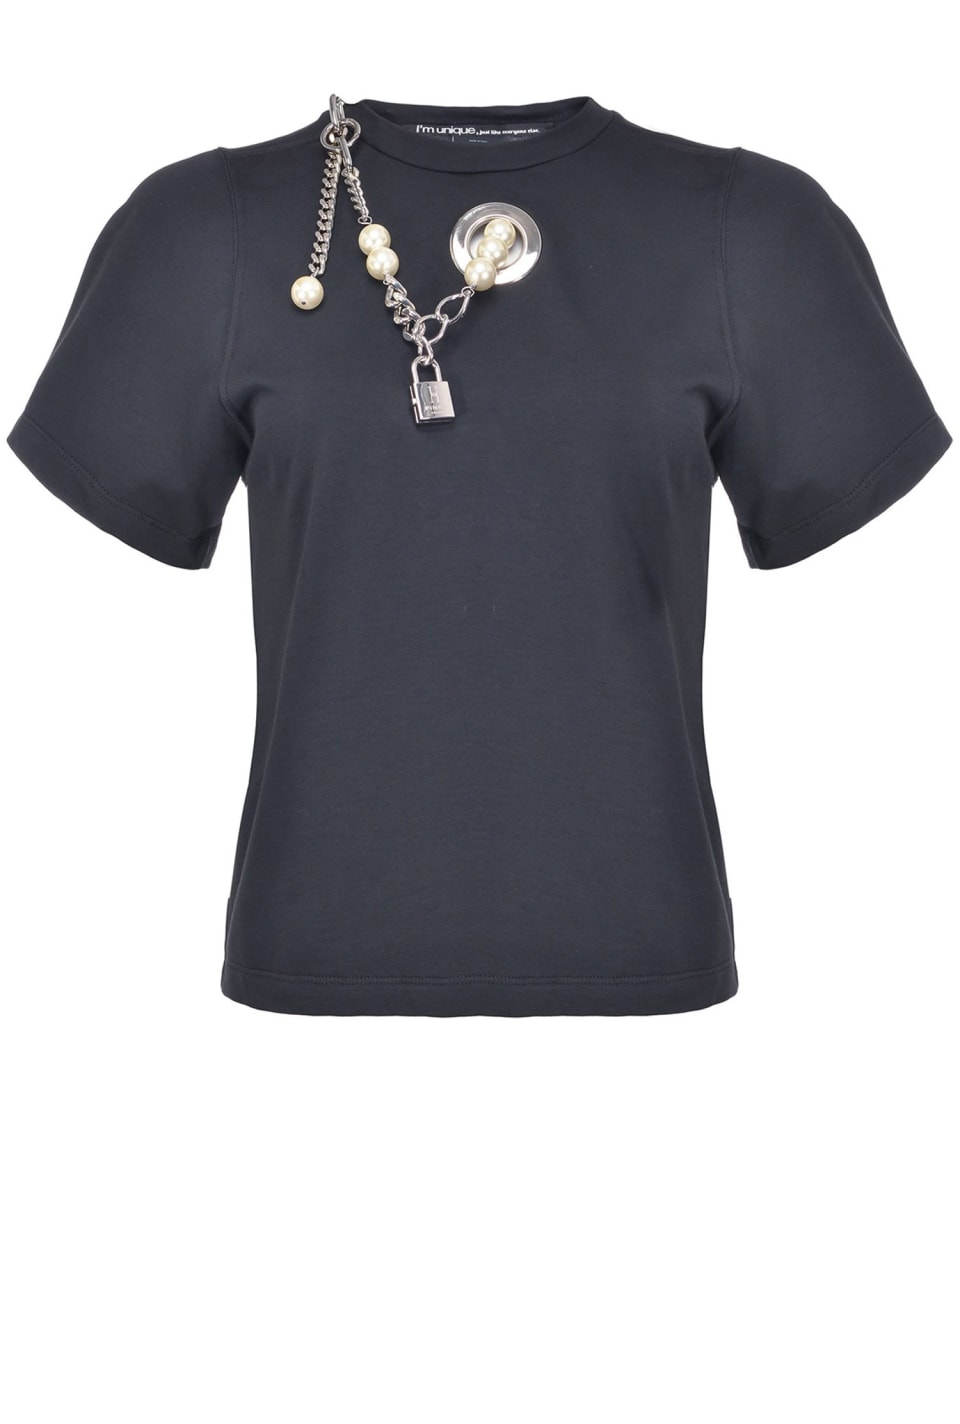 パール装飾付き Tシャツ